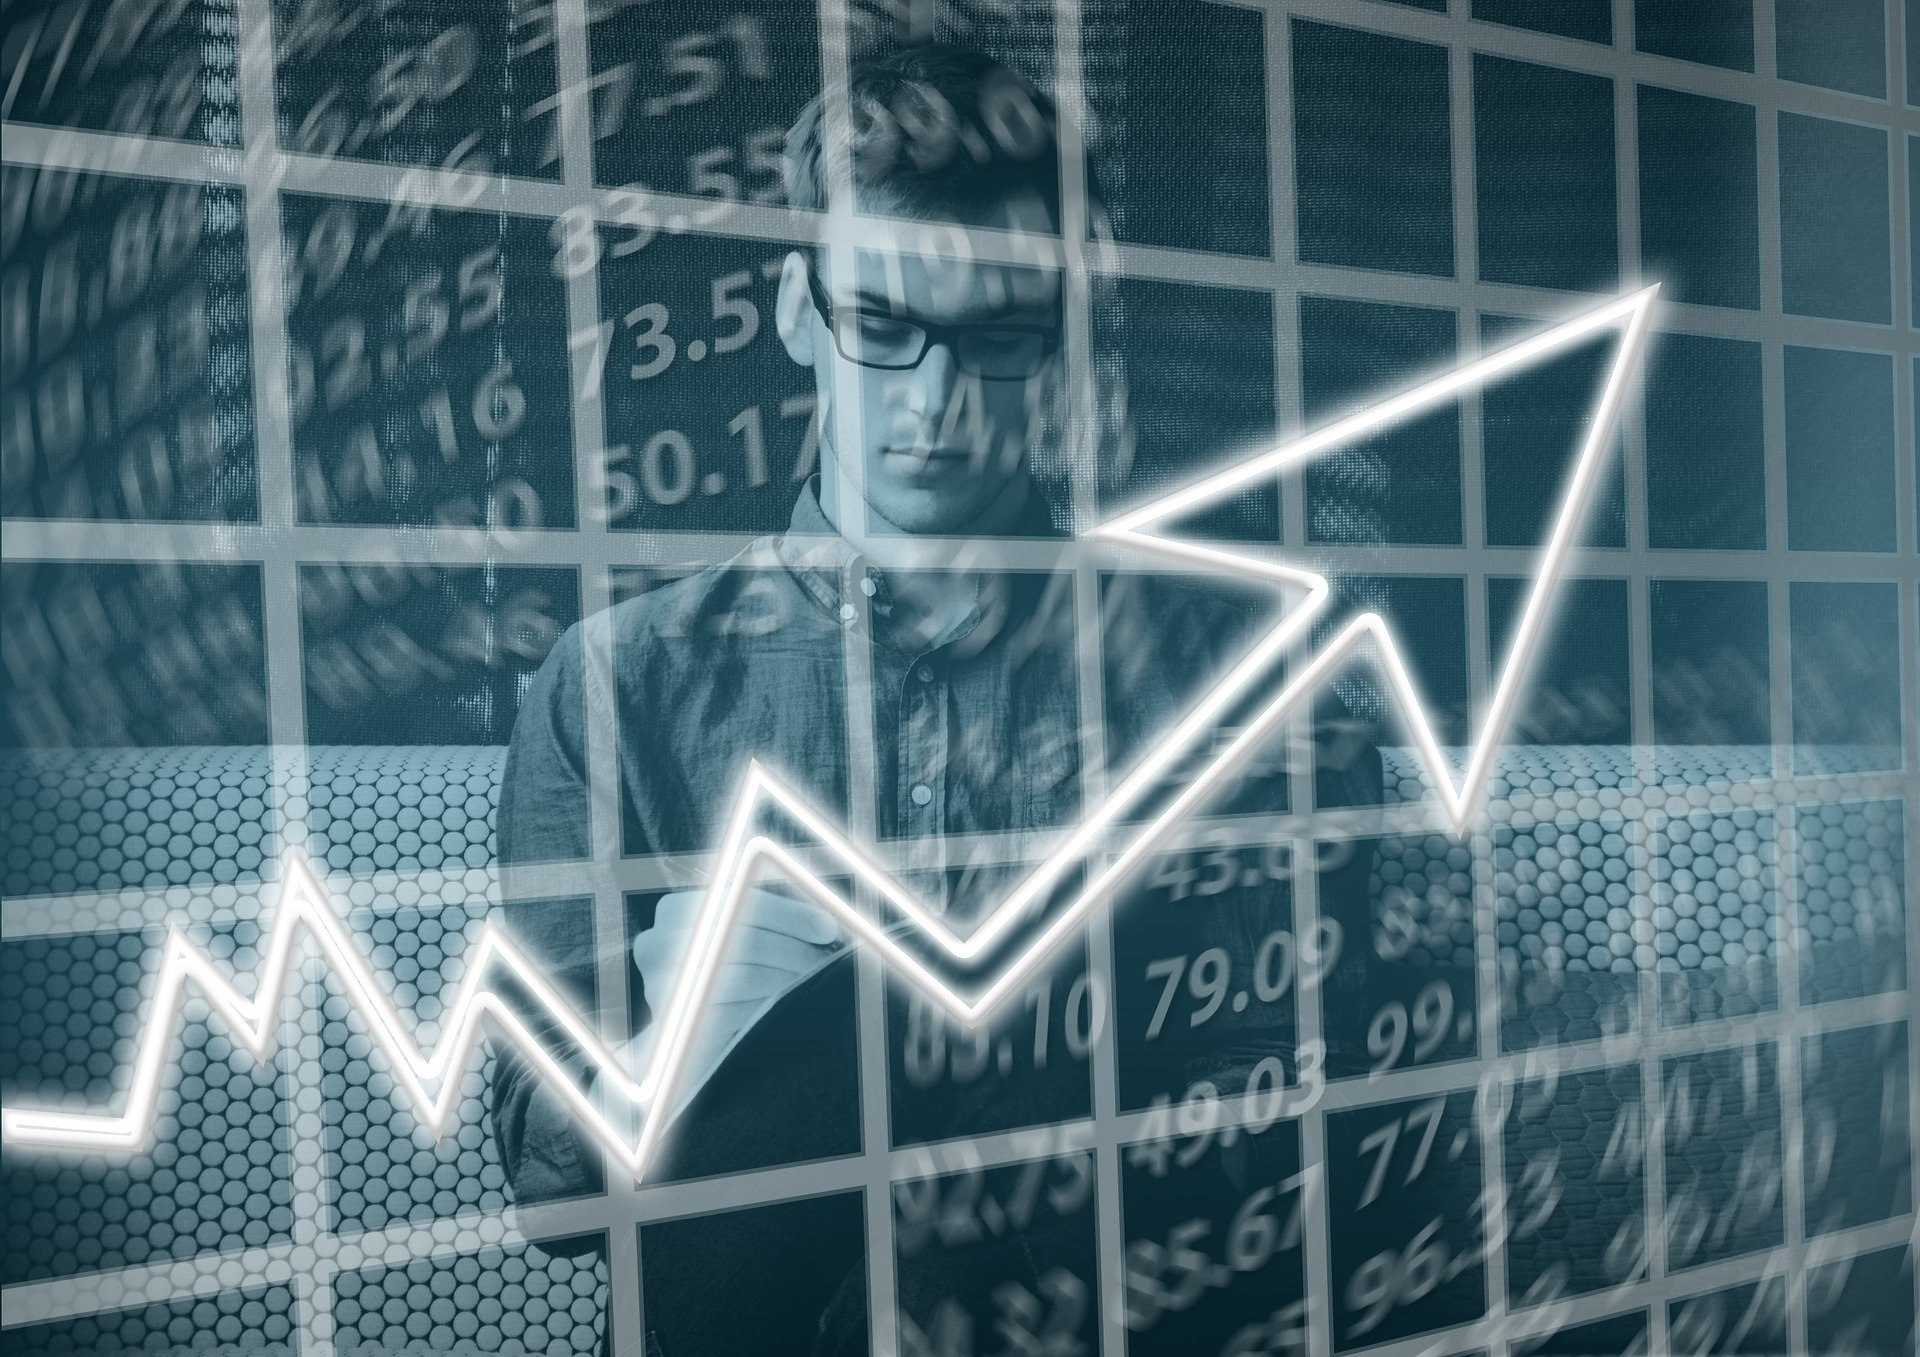 Empresa de tecnologia adota home-office e cresce 40%